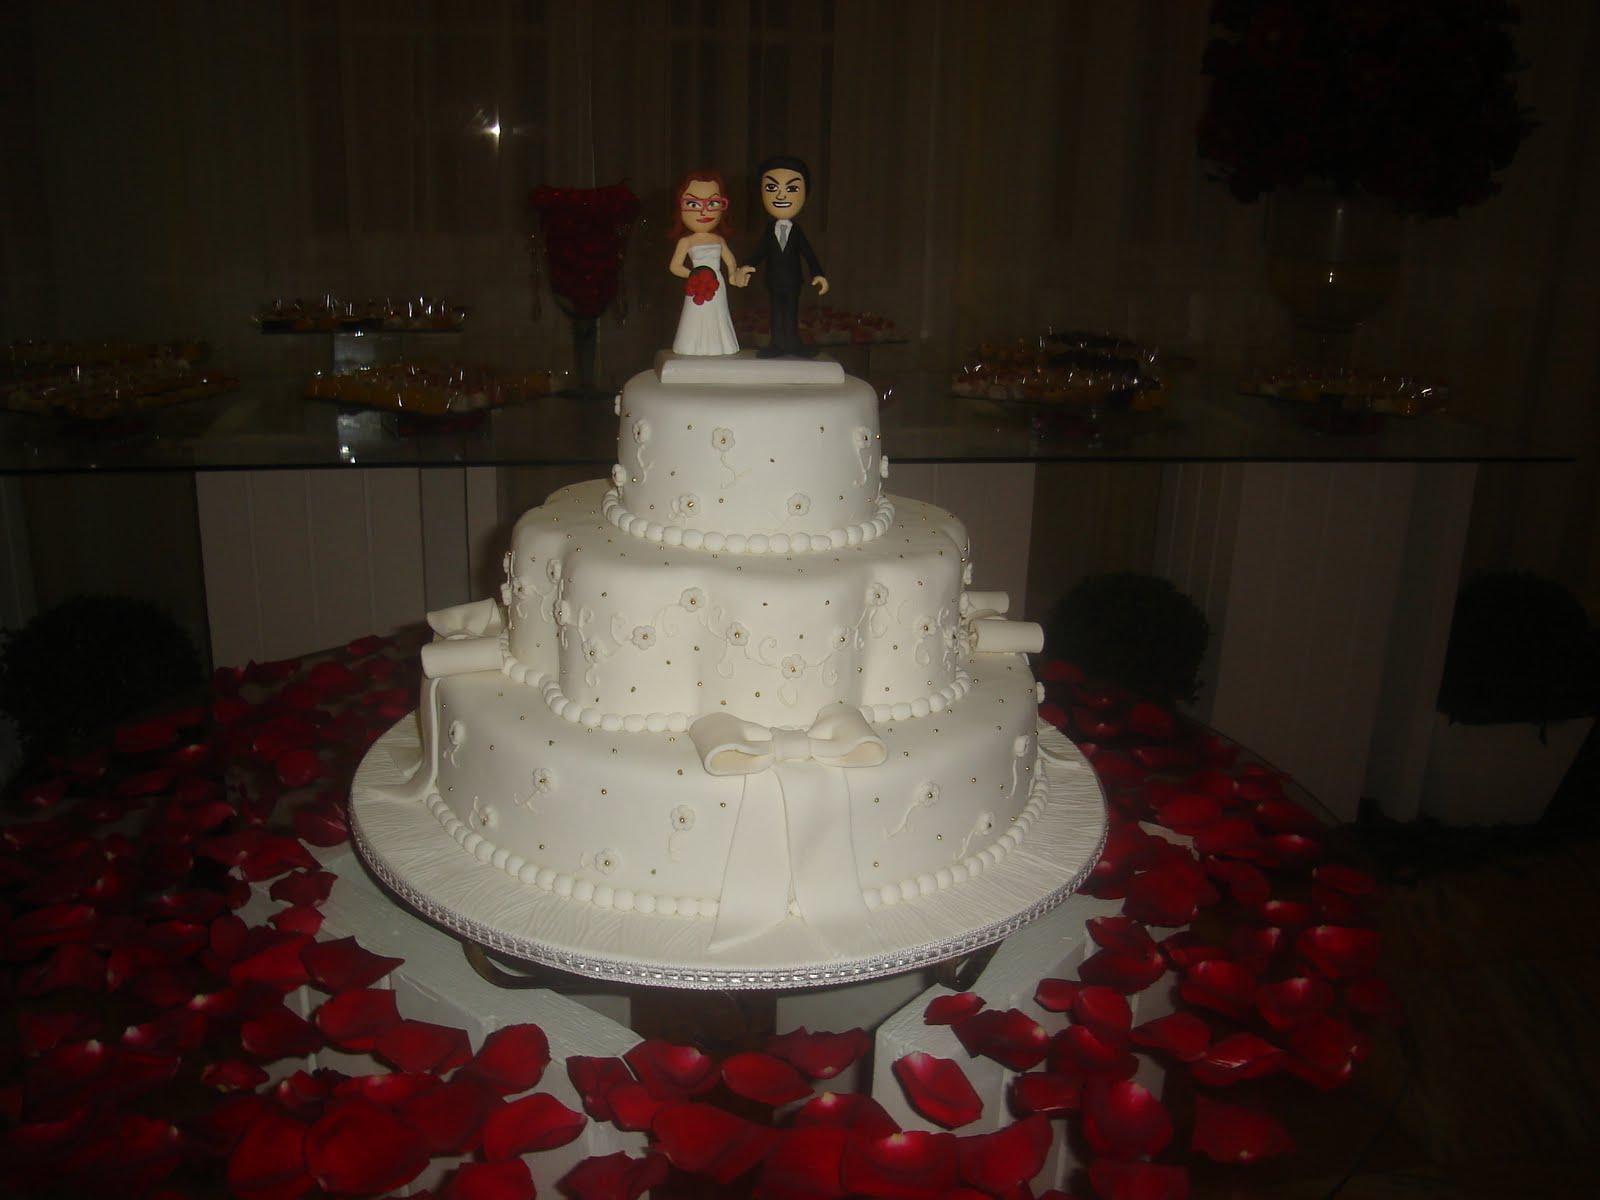 casamento-disegno-vermelho-e-preto-16 # decoracao casamento dourado e ...